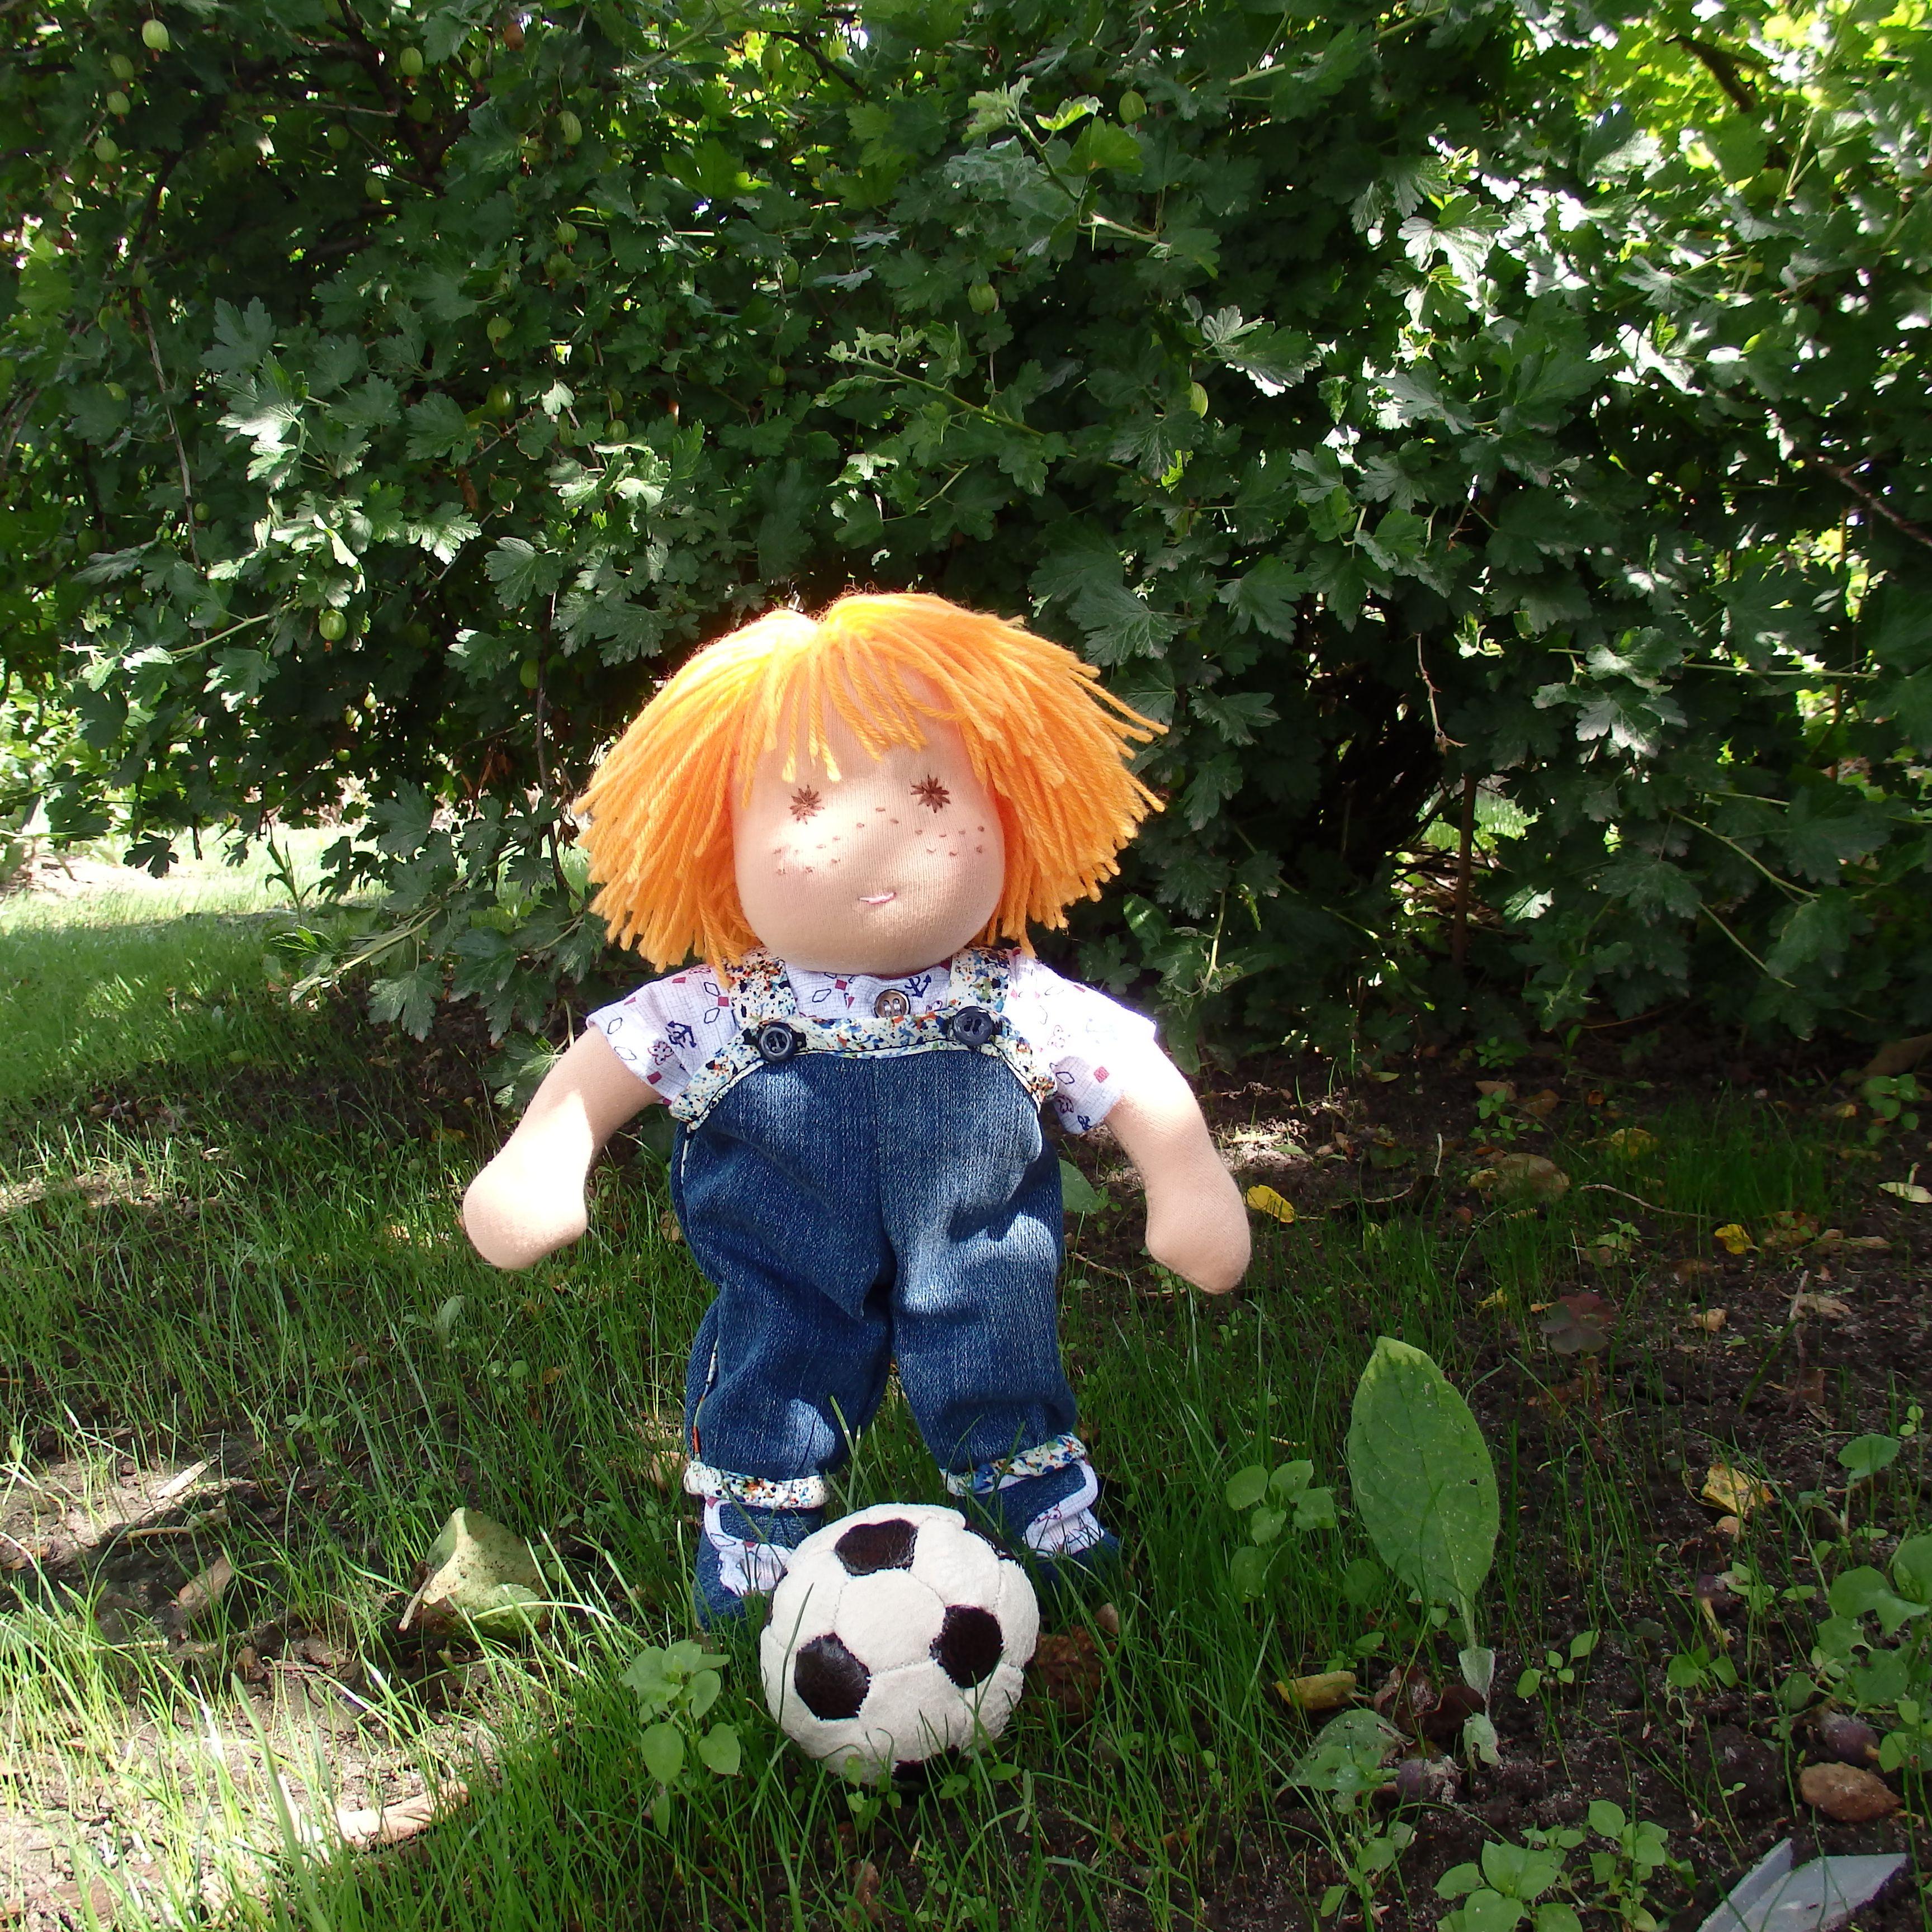 вальдорфскаякукла кукламальчик футболист куклавподарок вальдорфская подарокмальчику длядевочки игроваякукла подарок